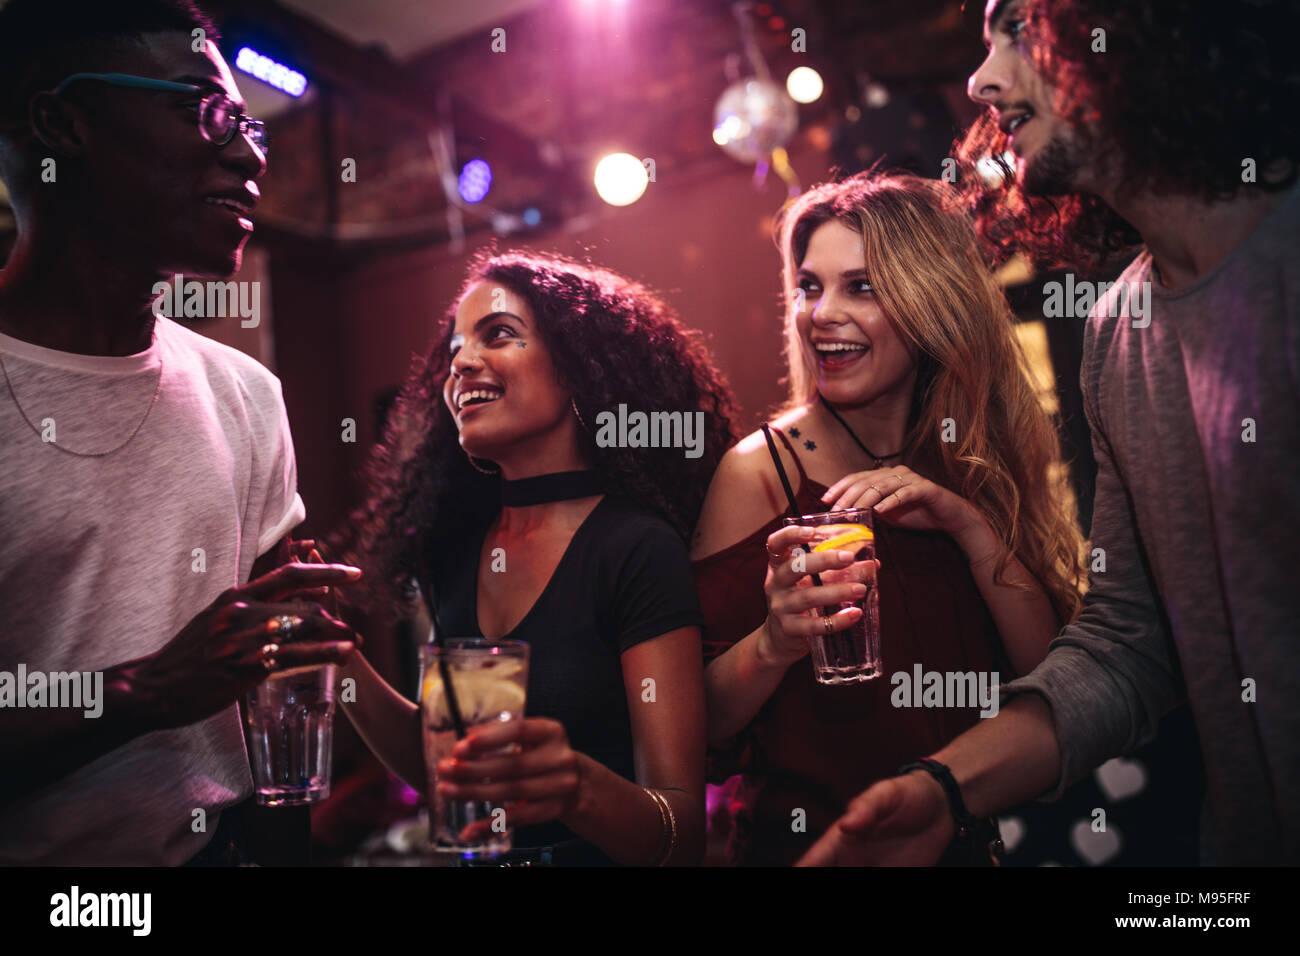 Diversi gruppi di giovani con un drink in un club. Felice di uomini e donne godendo nightout presso il bar. Immagini Stock